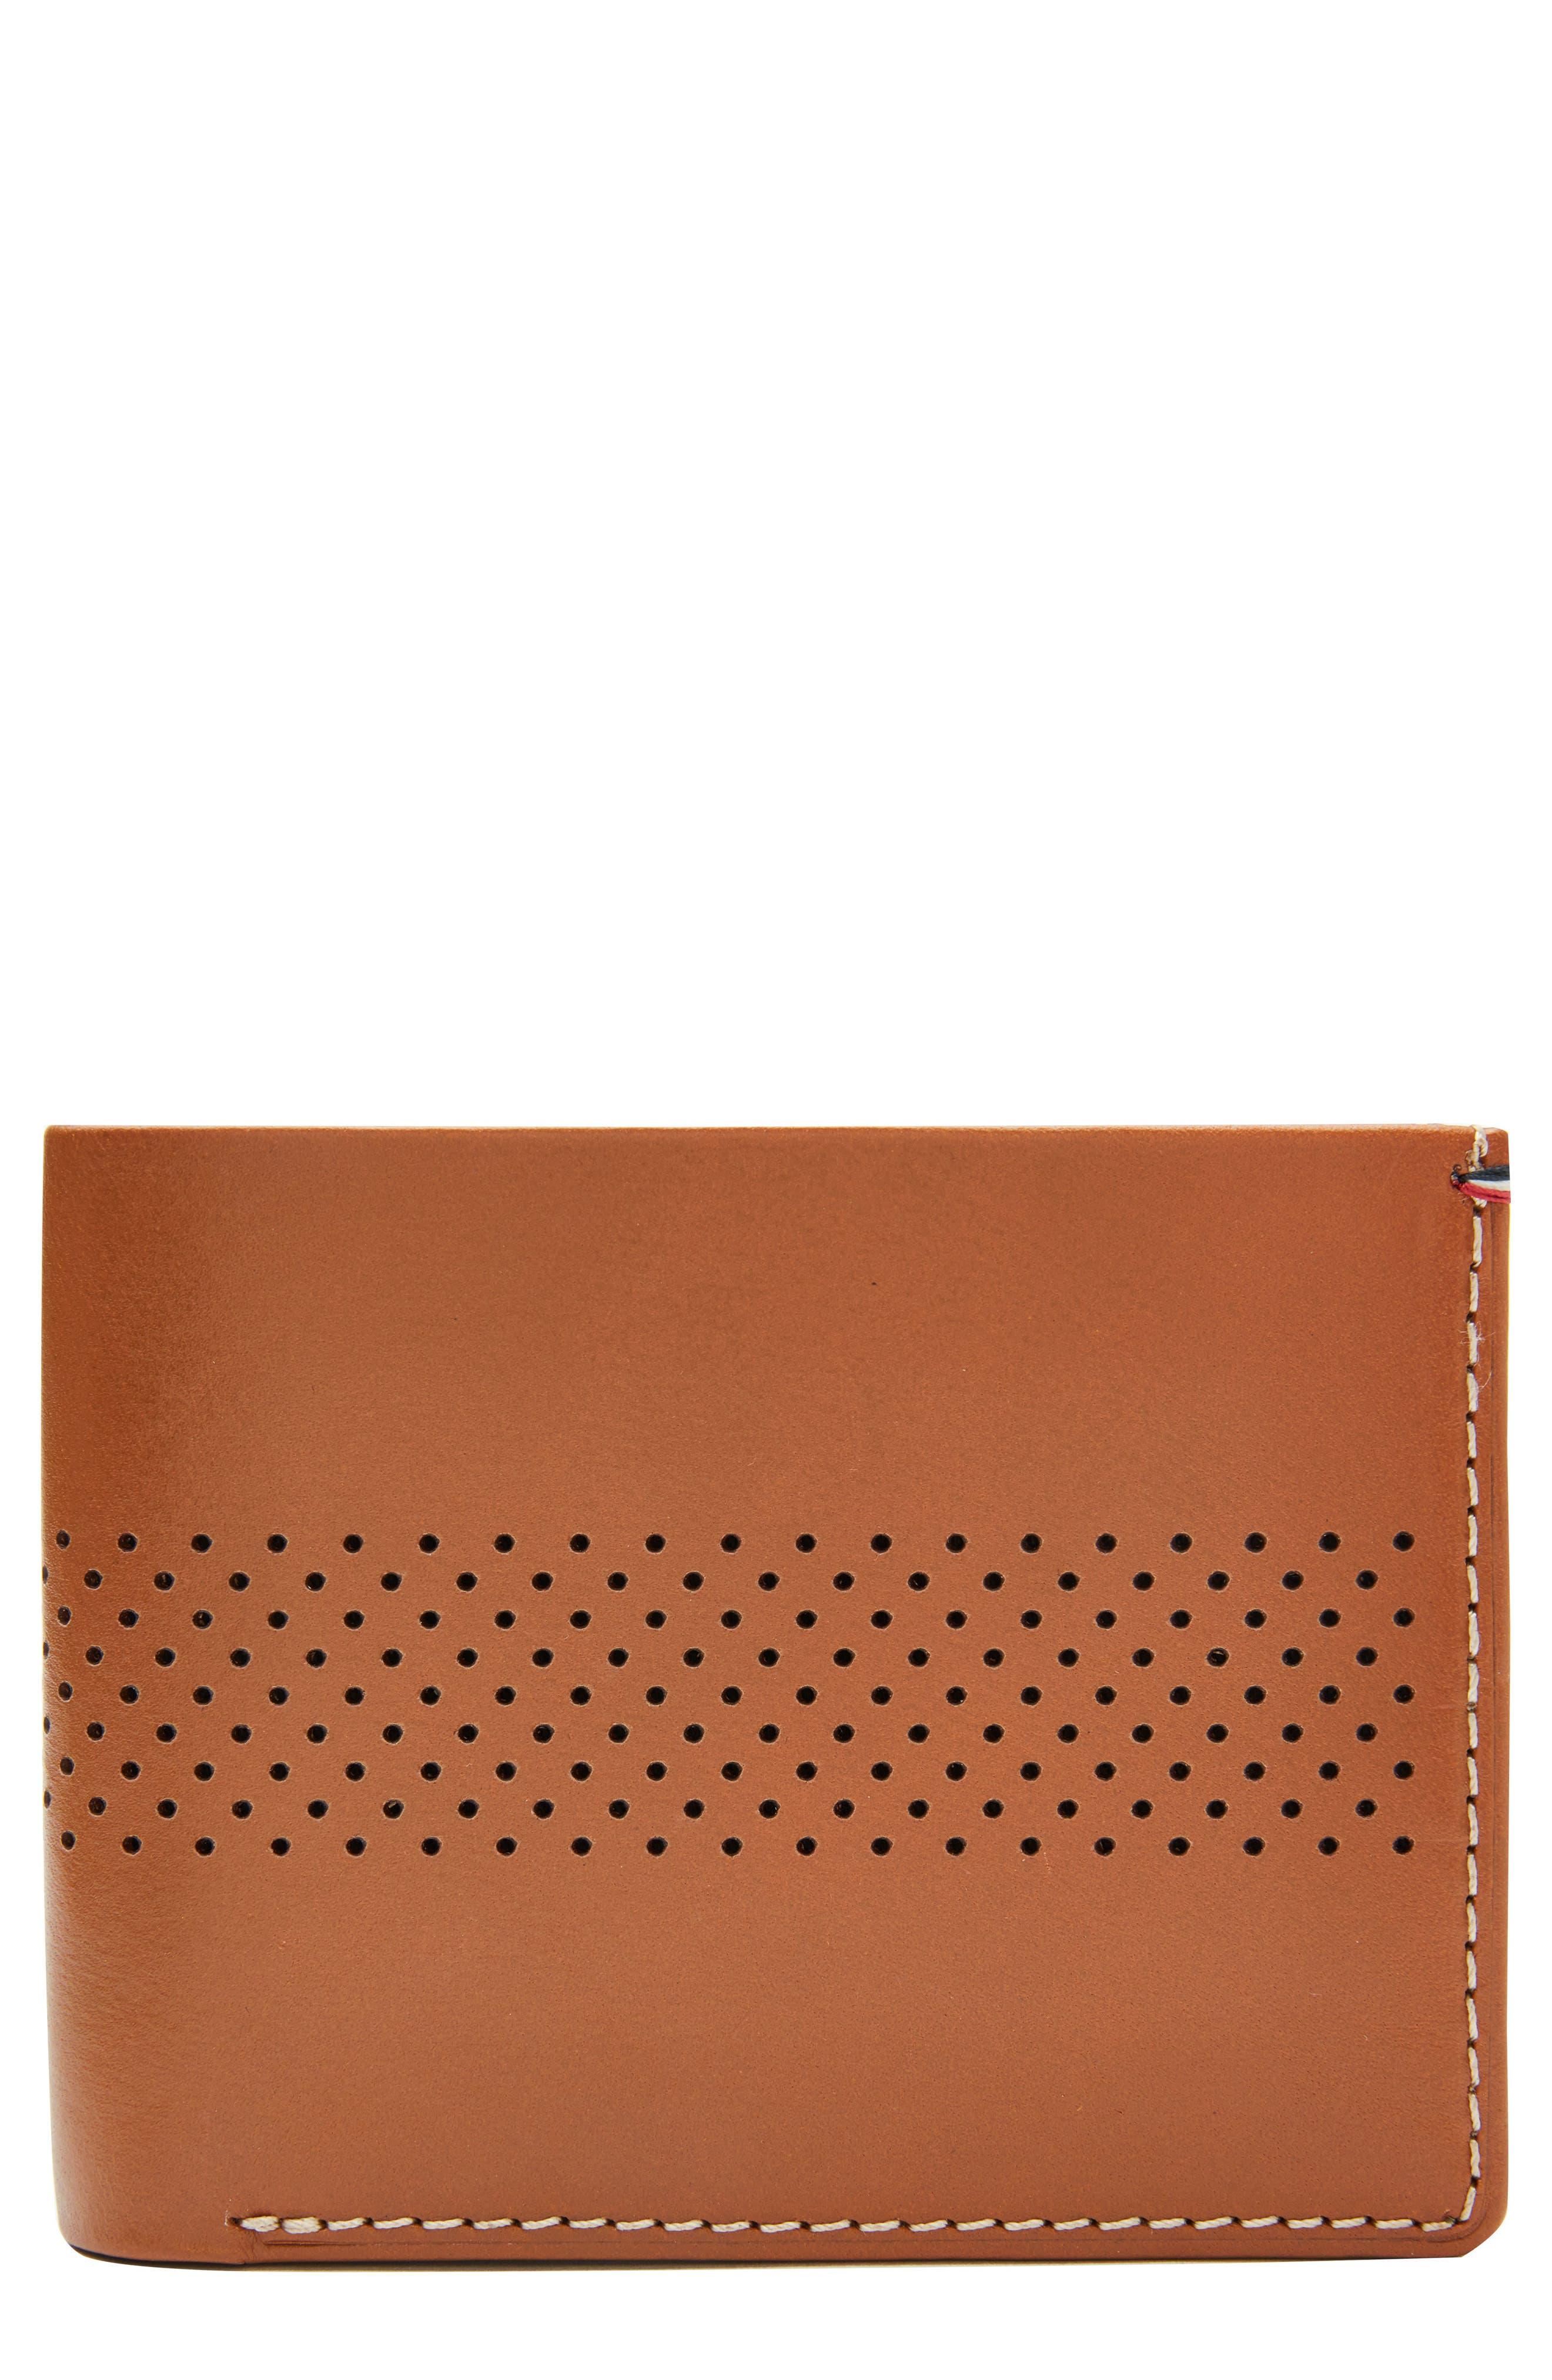 Main Image - Jack Mason Leather Wallet